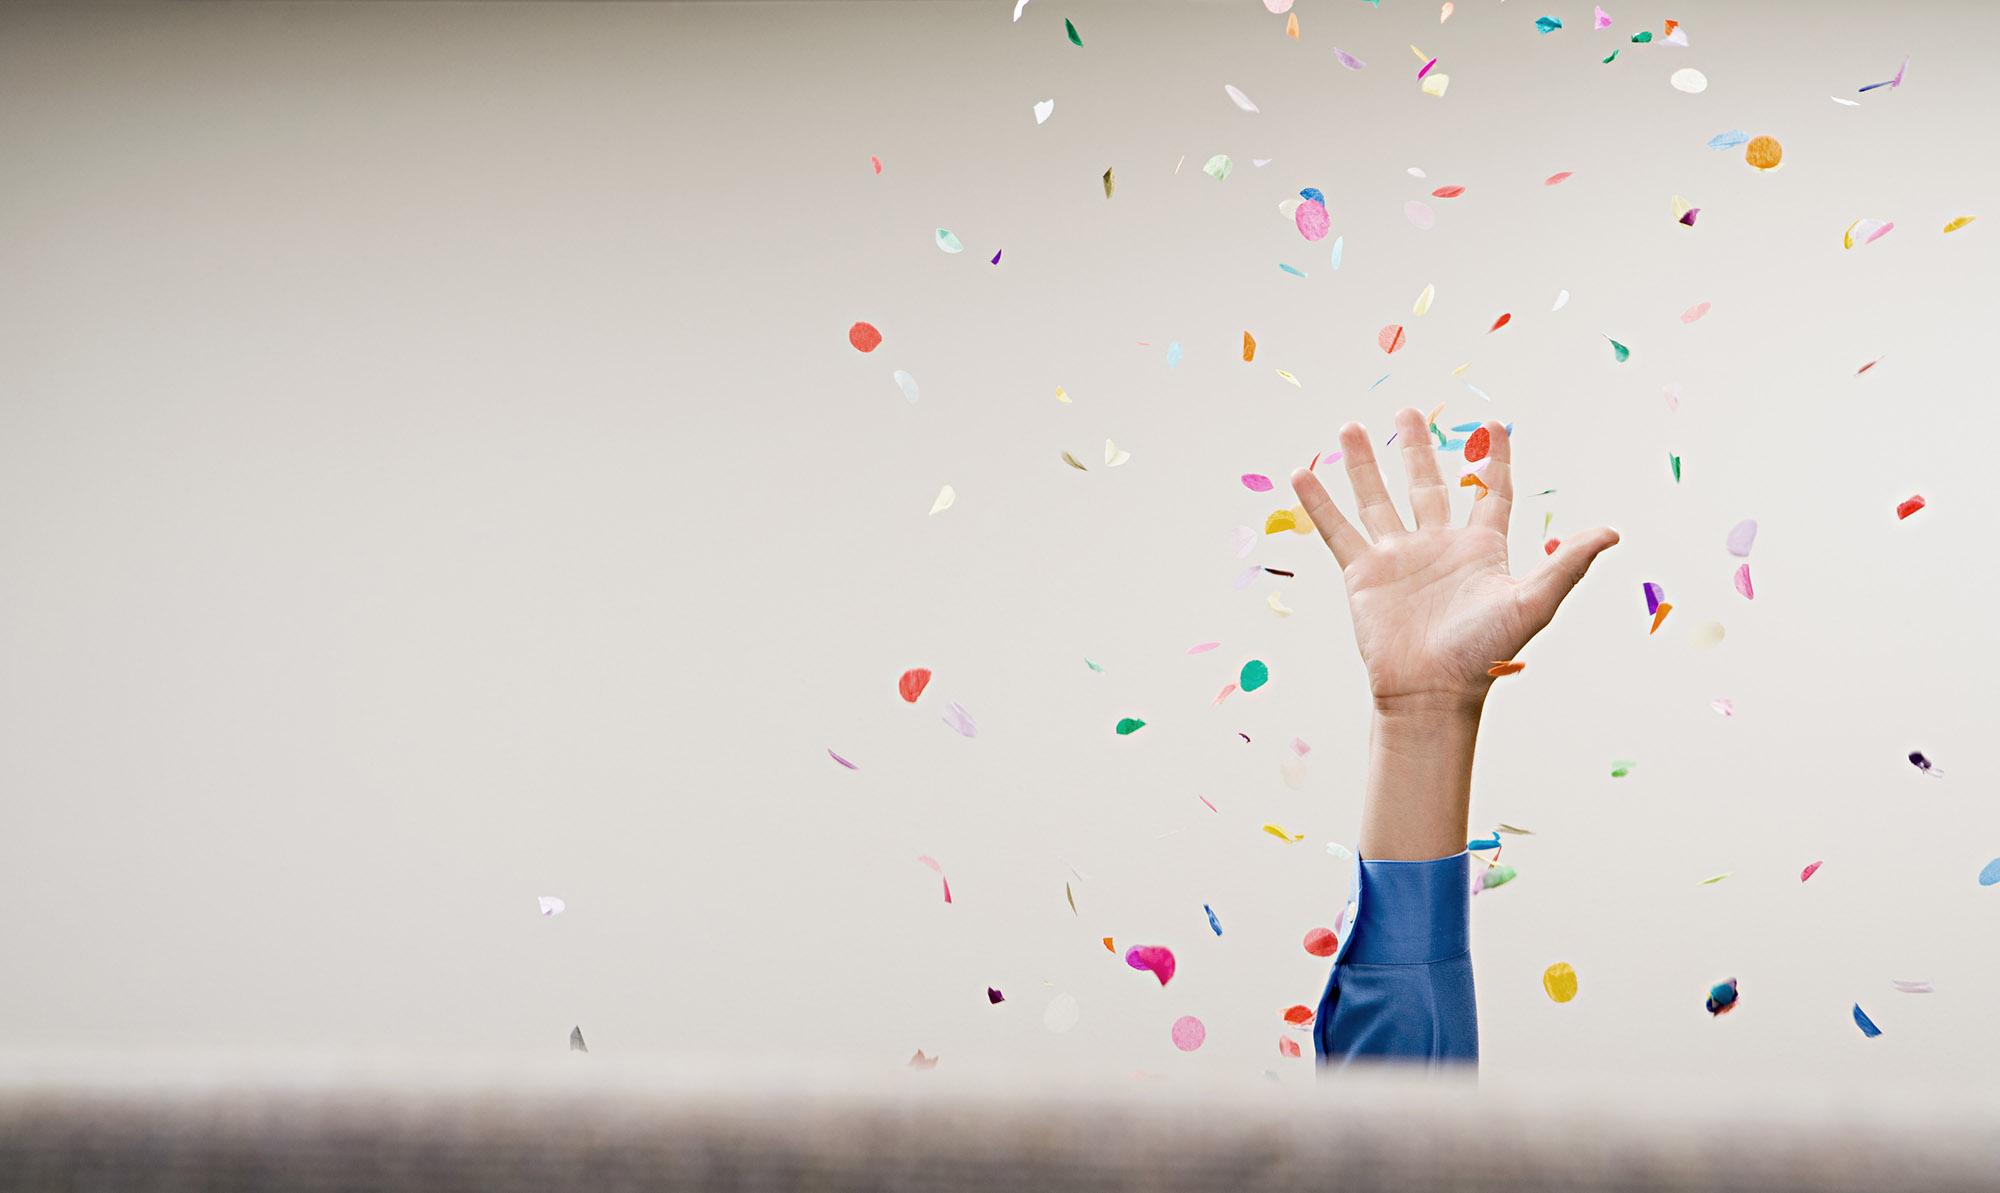 Uitstekende, open hand, omgeven door confetti